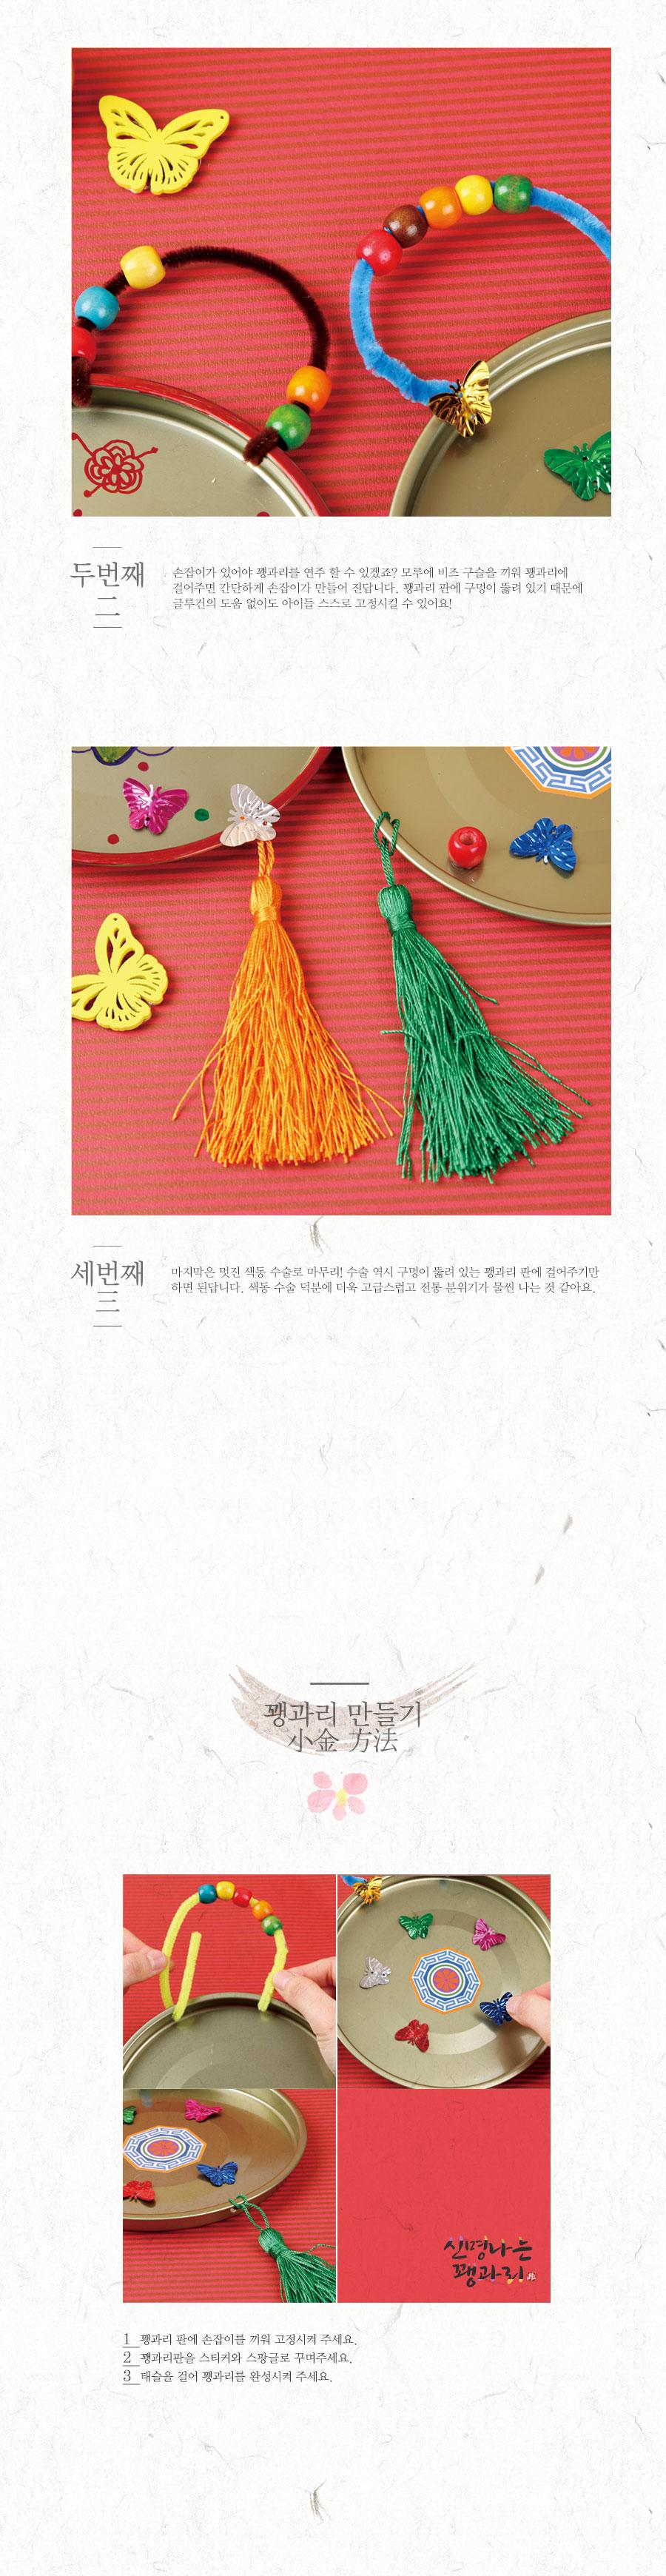 전통꽹과리만들기(4인용) - 아트랄라, 7,800원, 전통/염색공예, 조각보/가리개 패키지